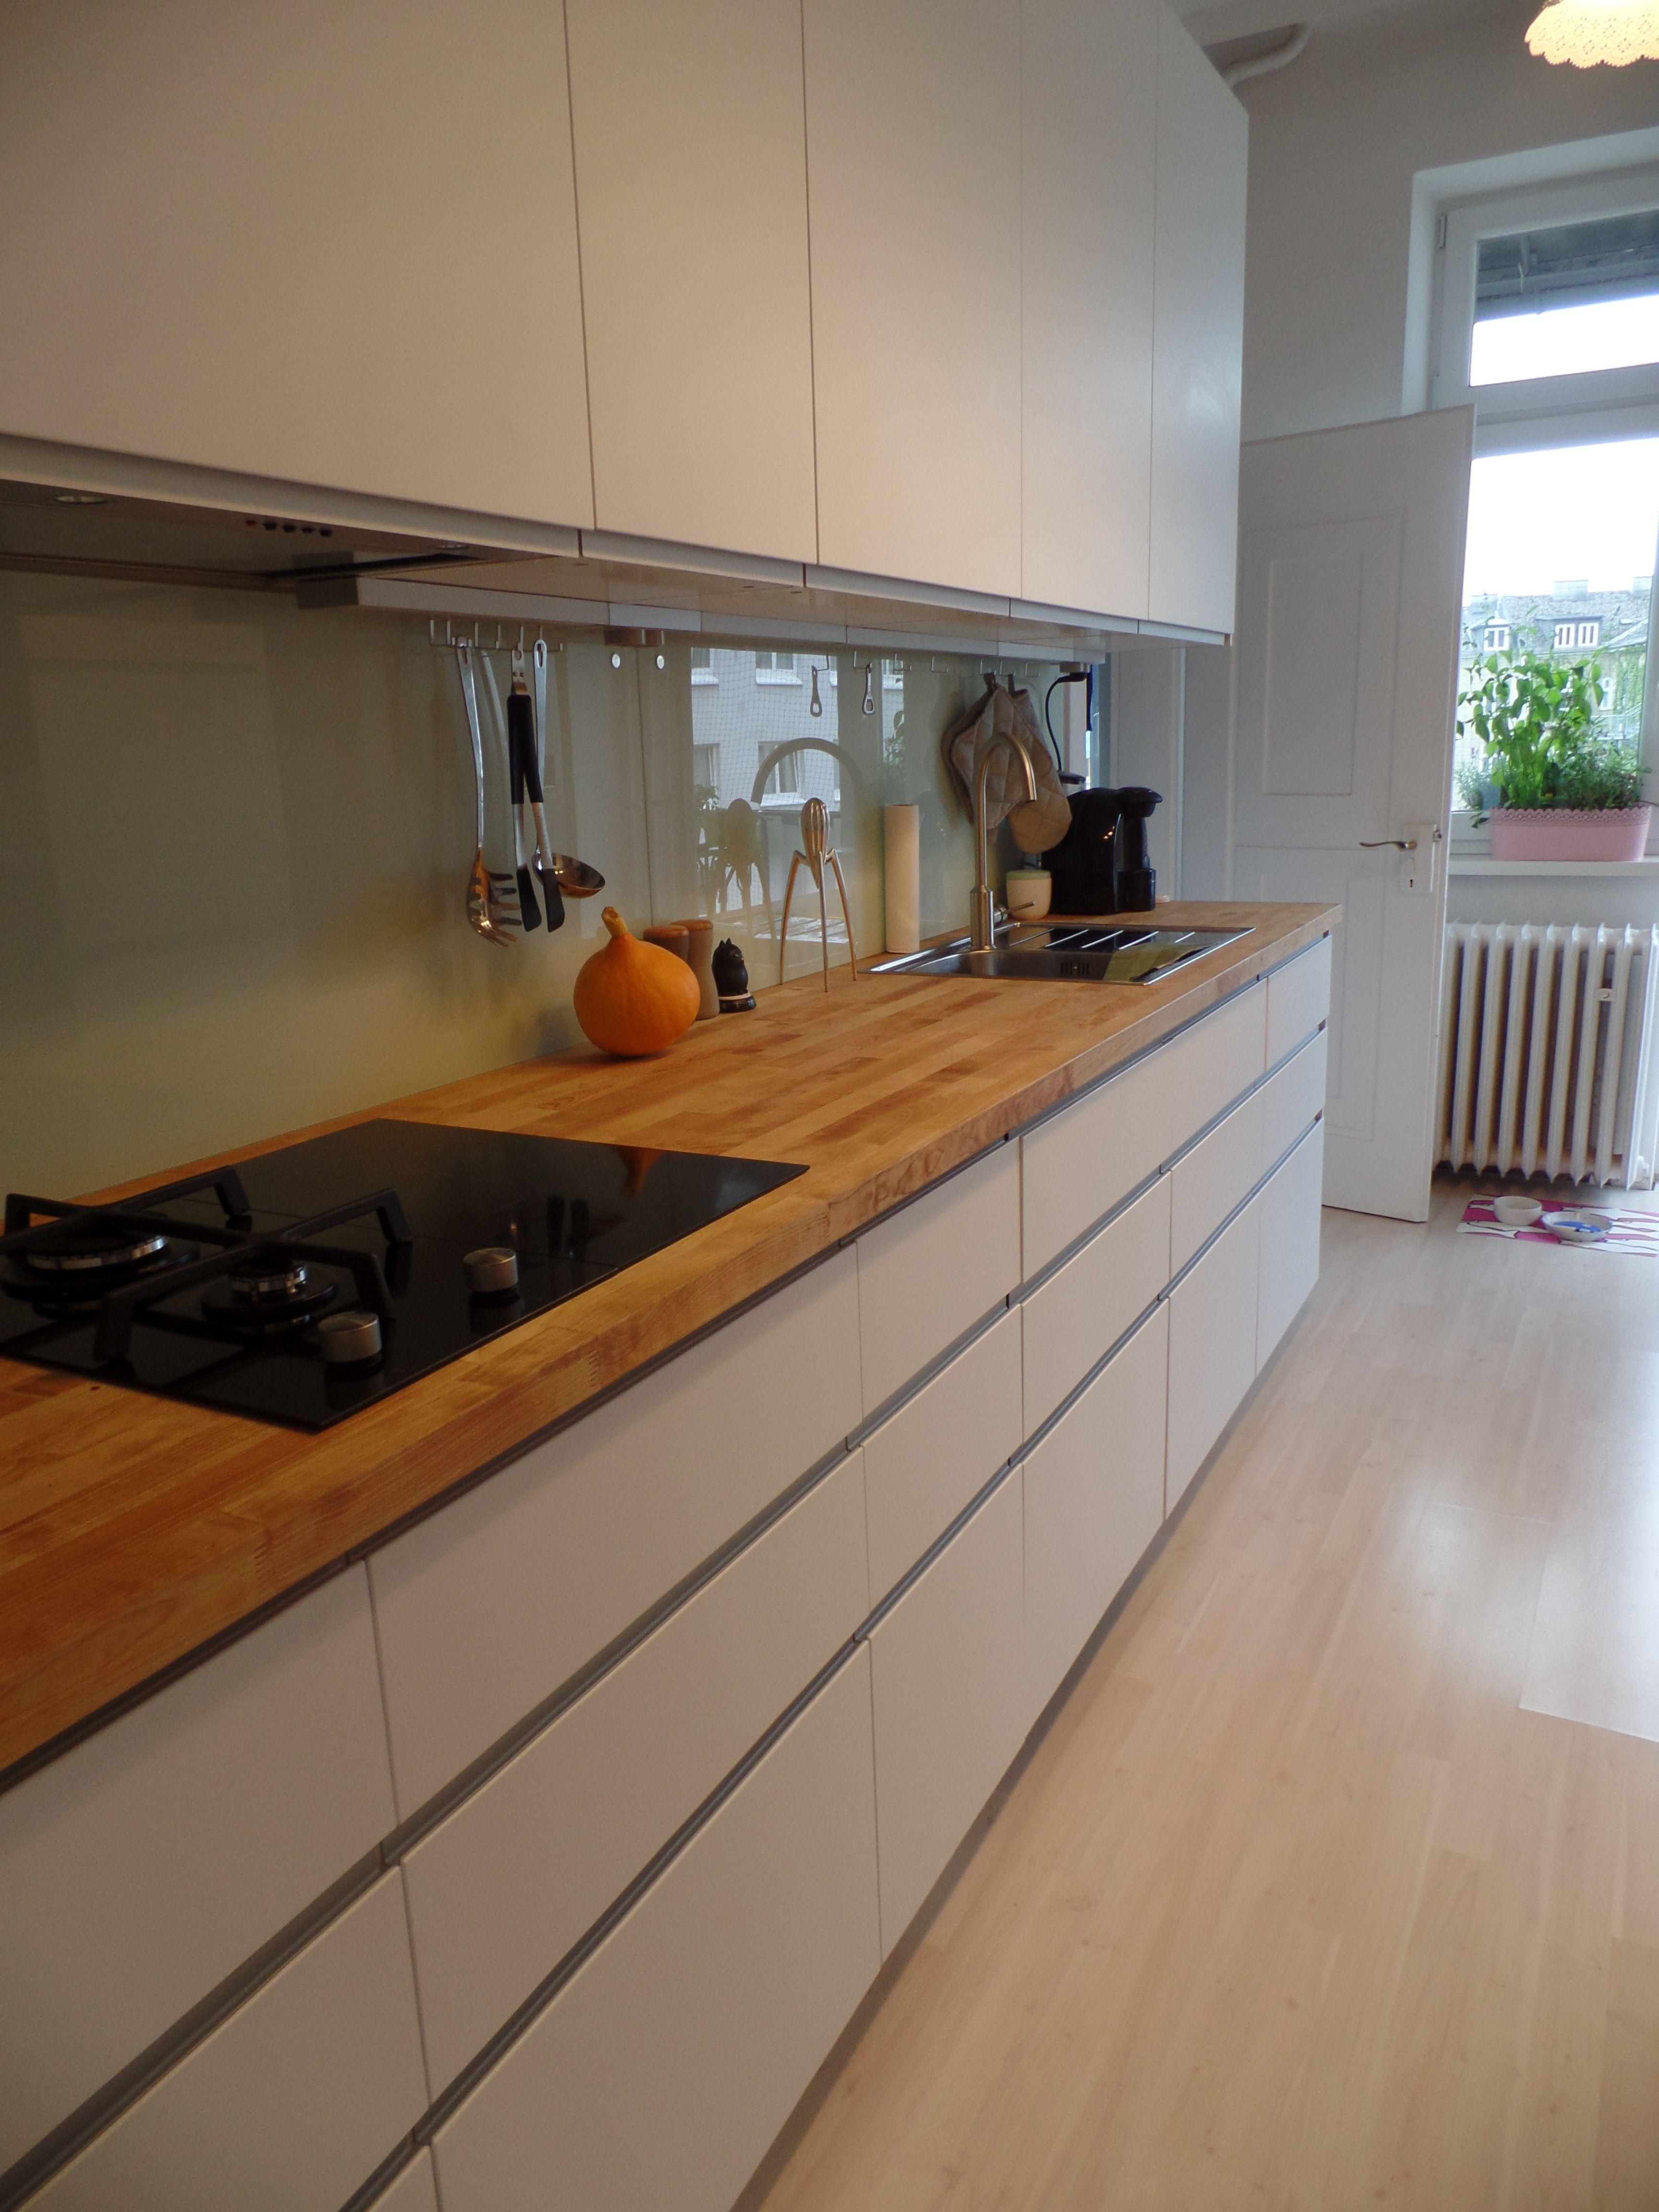 Arbeitsplatte Kuche Ikea Best Of Unsere Ikea Kuche Mit Nodsta Front Popular Kitchen Designs Kitchen Design Minimalist Kitchen